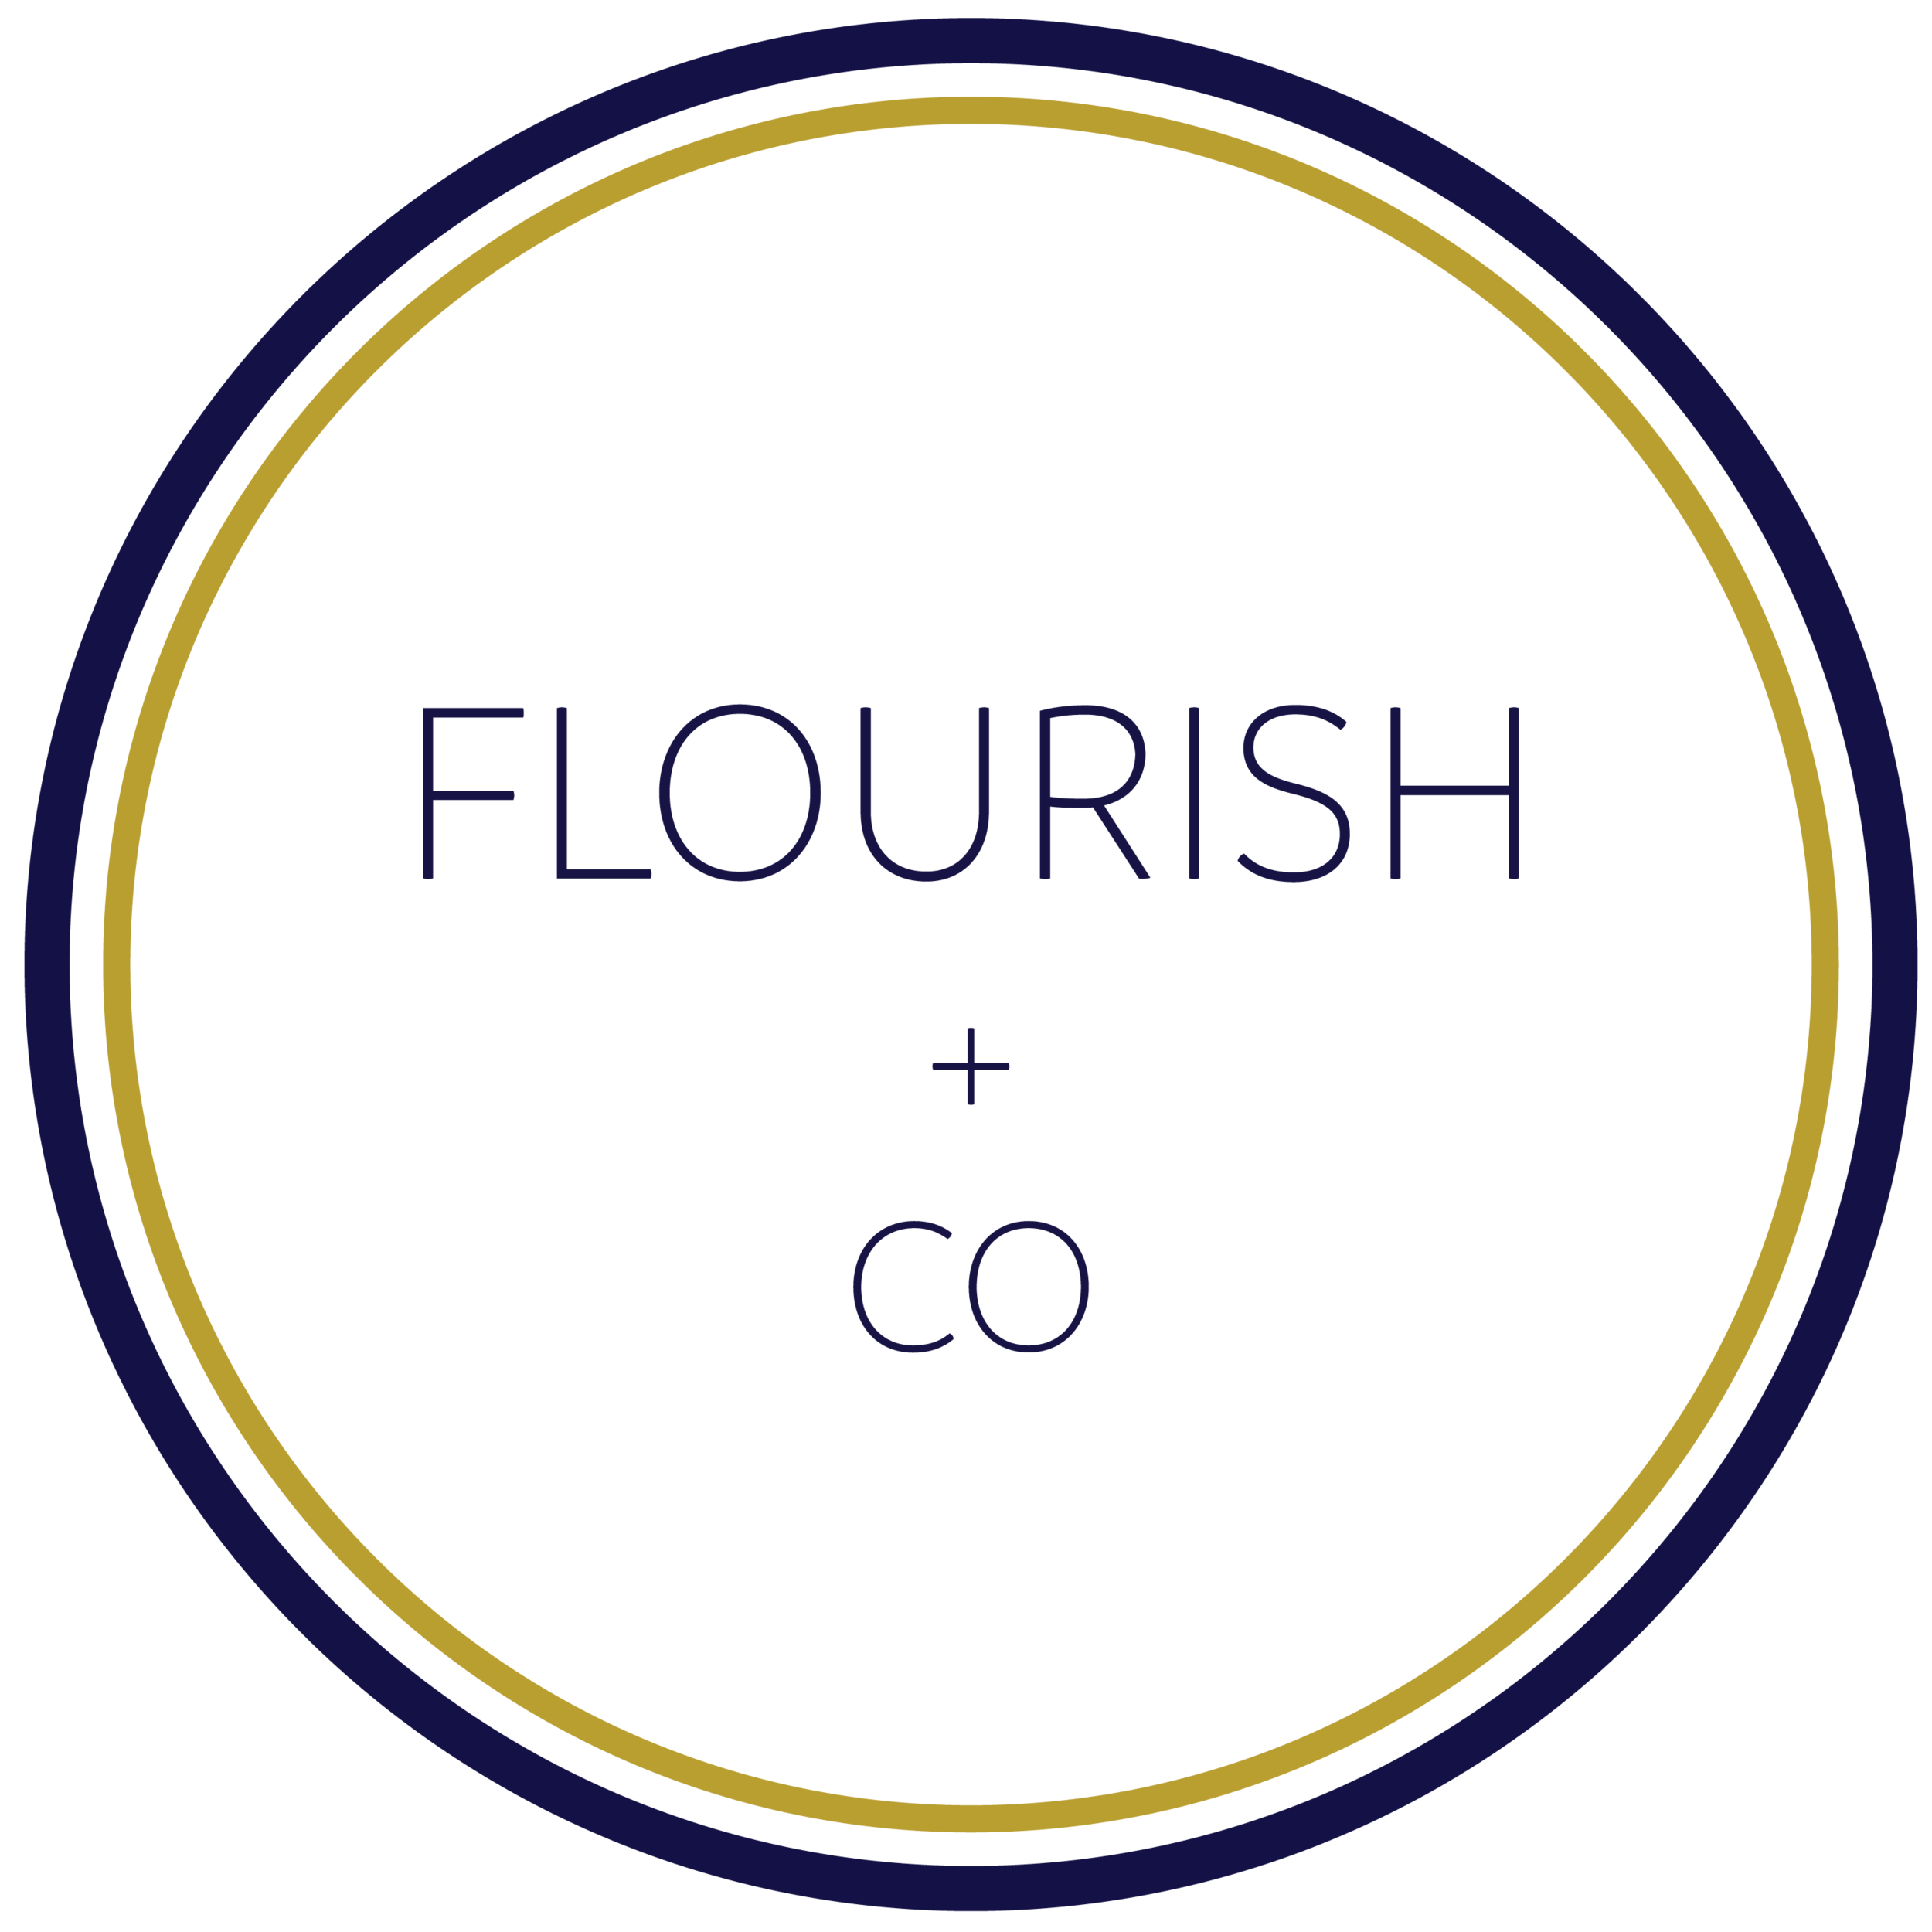 FlourishCo-01 Transparent.png